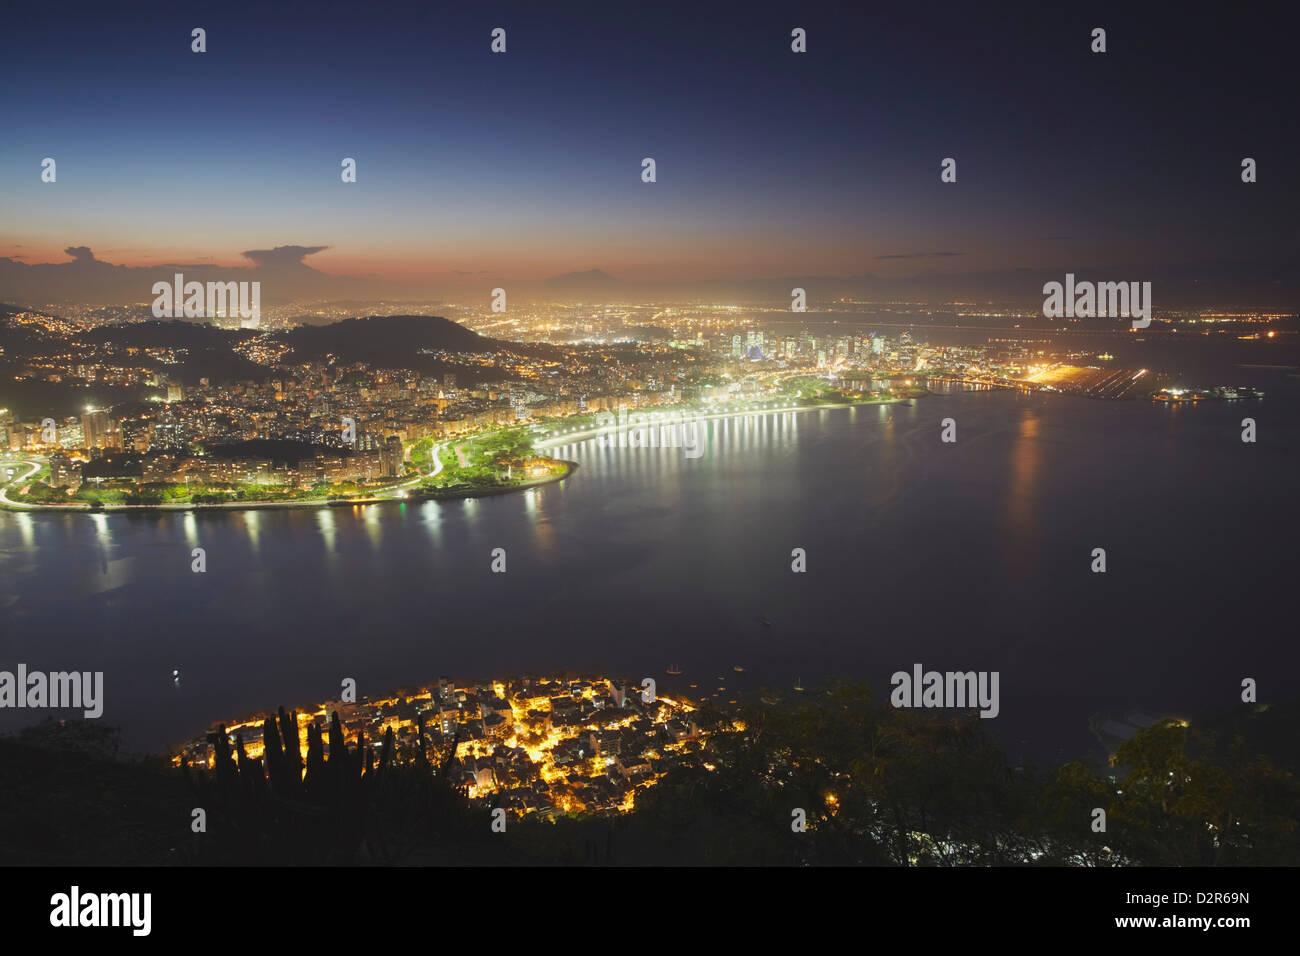 View of Urca, Flamengo and Centro at sunset, Rio de Janeiro, Brazil, South America - Stock Image